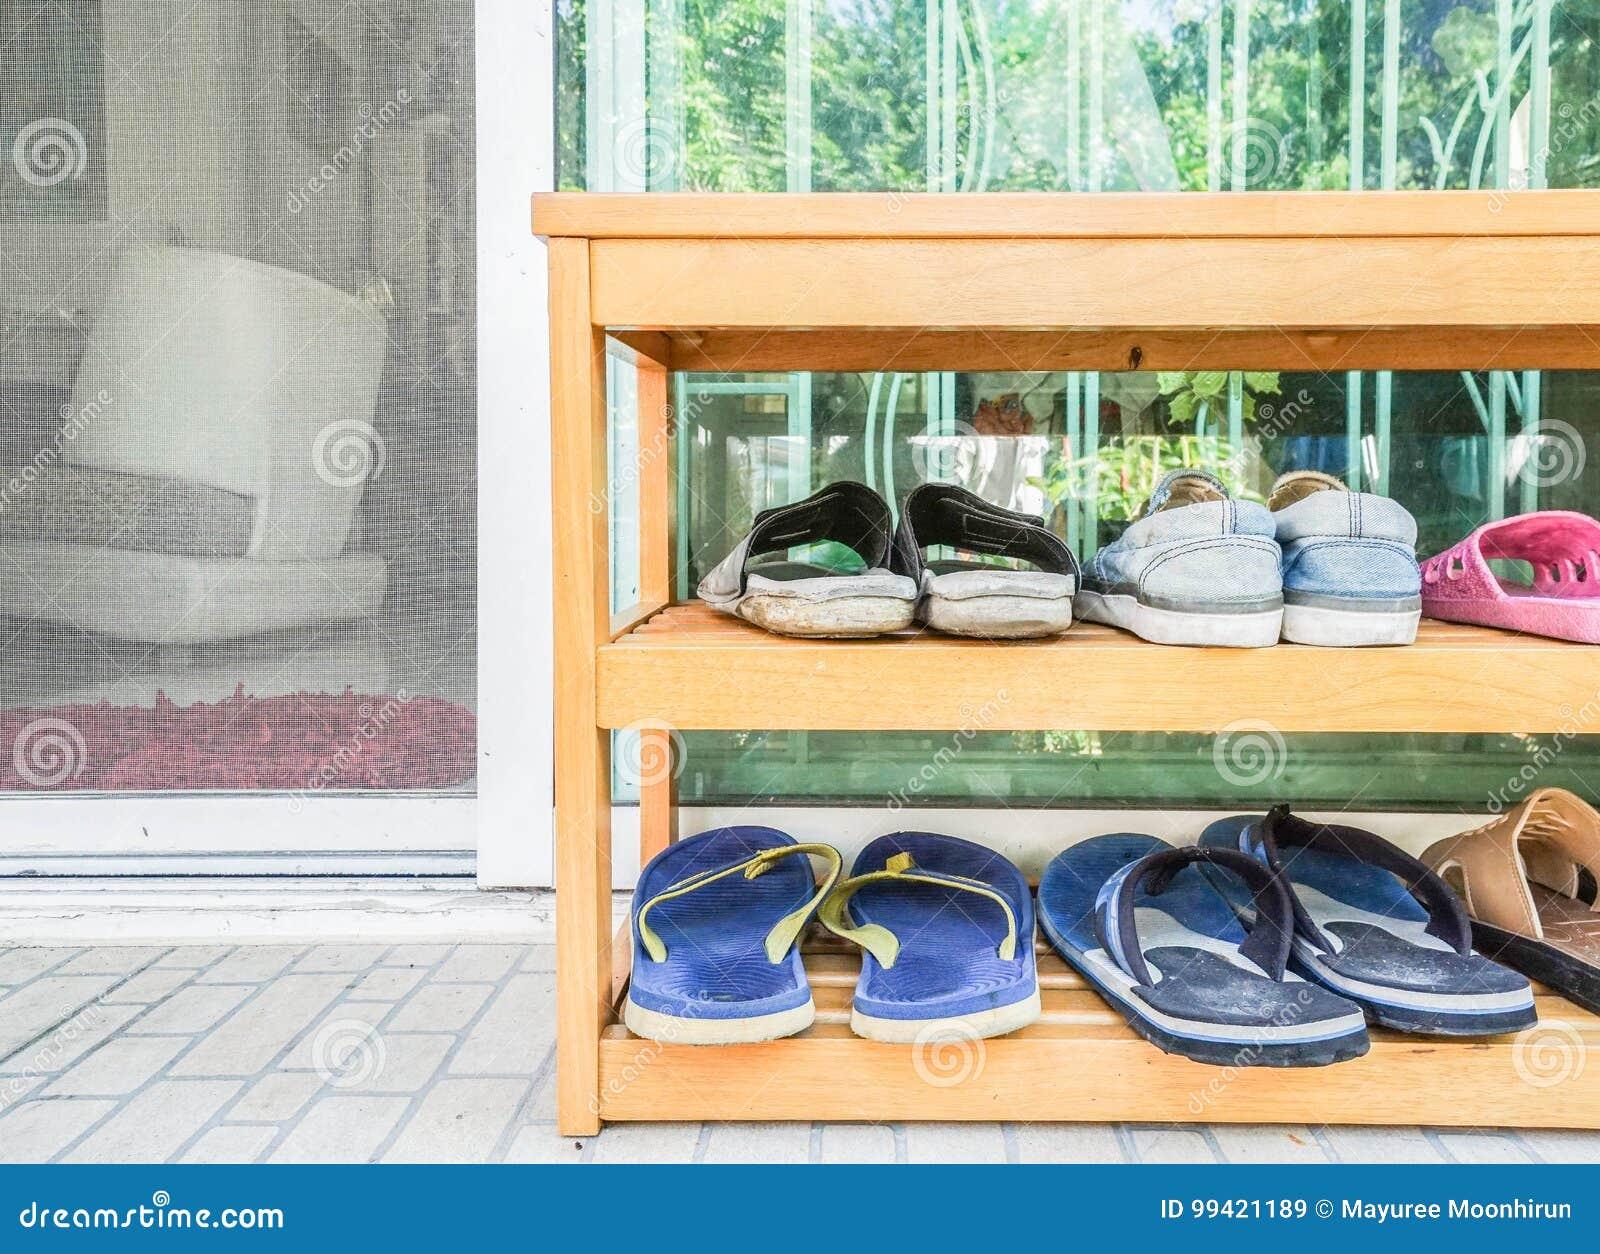 Porte Chaussures En Bois support en bois de chaussures à la porte de maison image